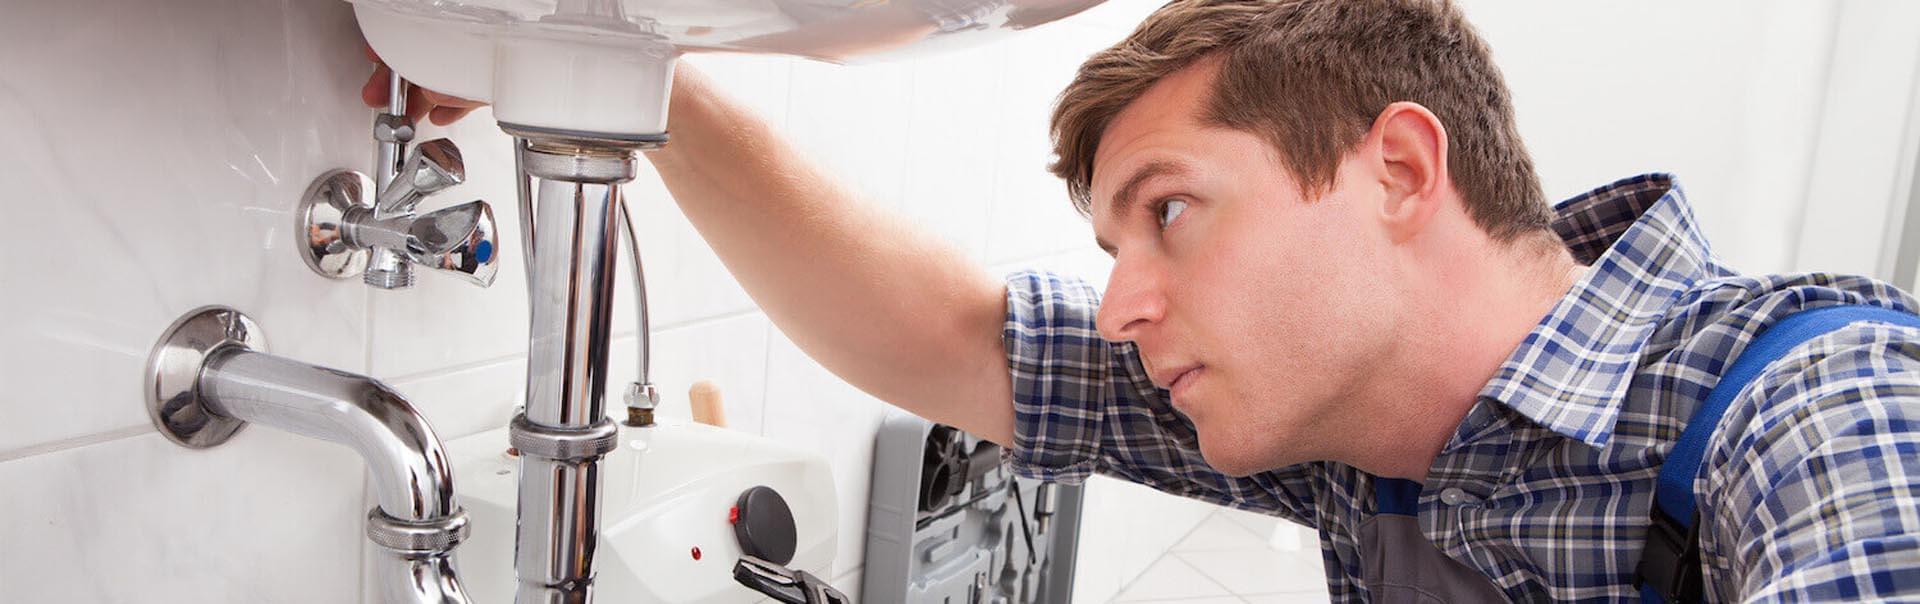 Abflussreinigung-rohreinigung-Notdienst-header-4-54345414